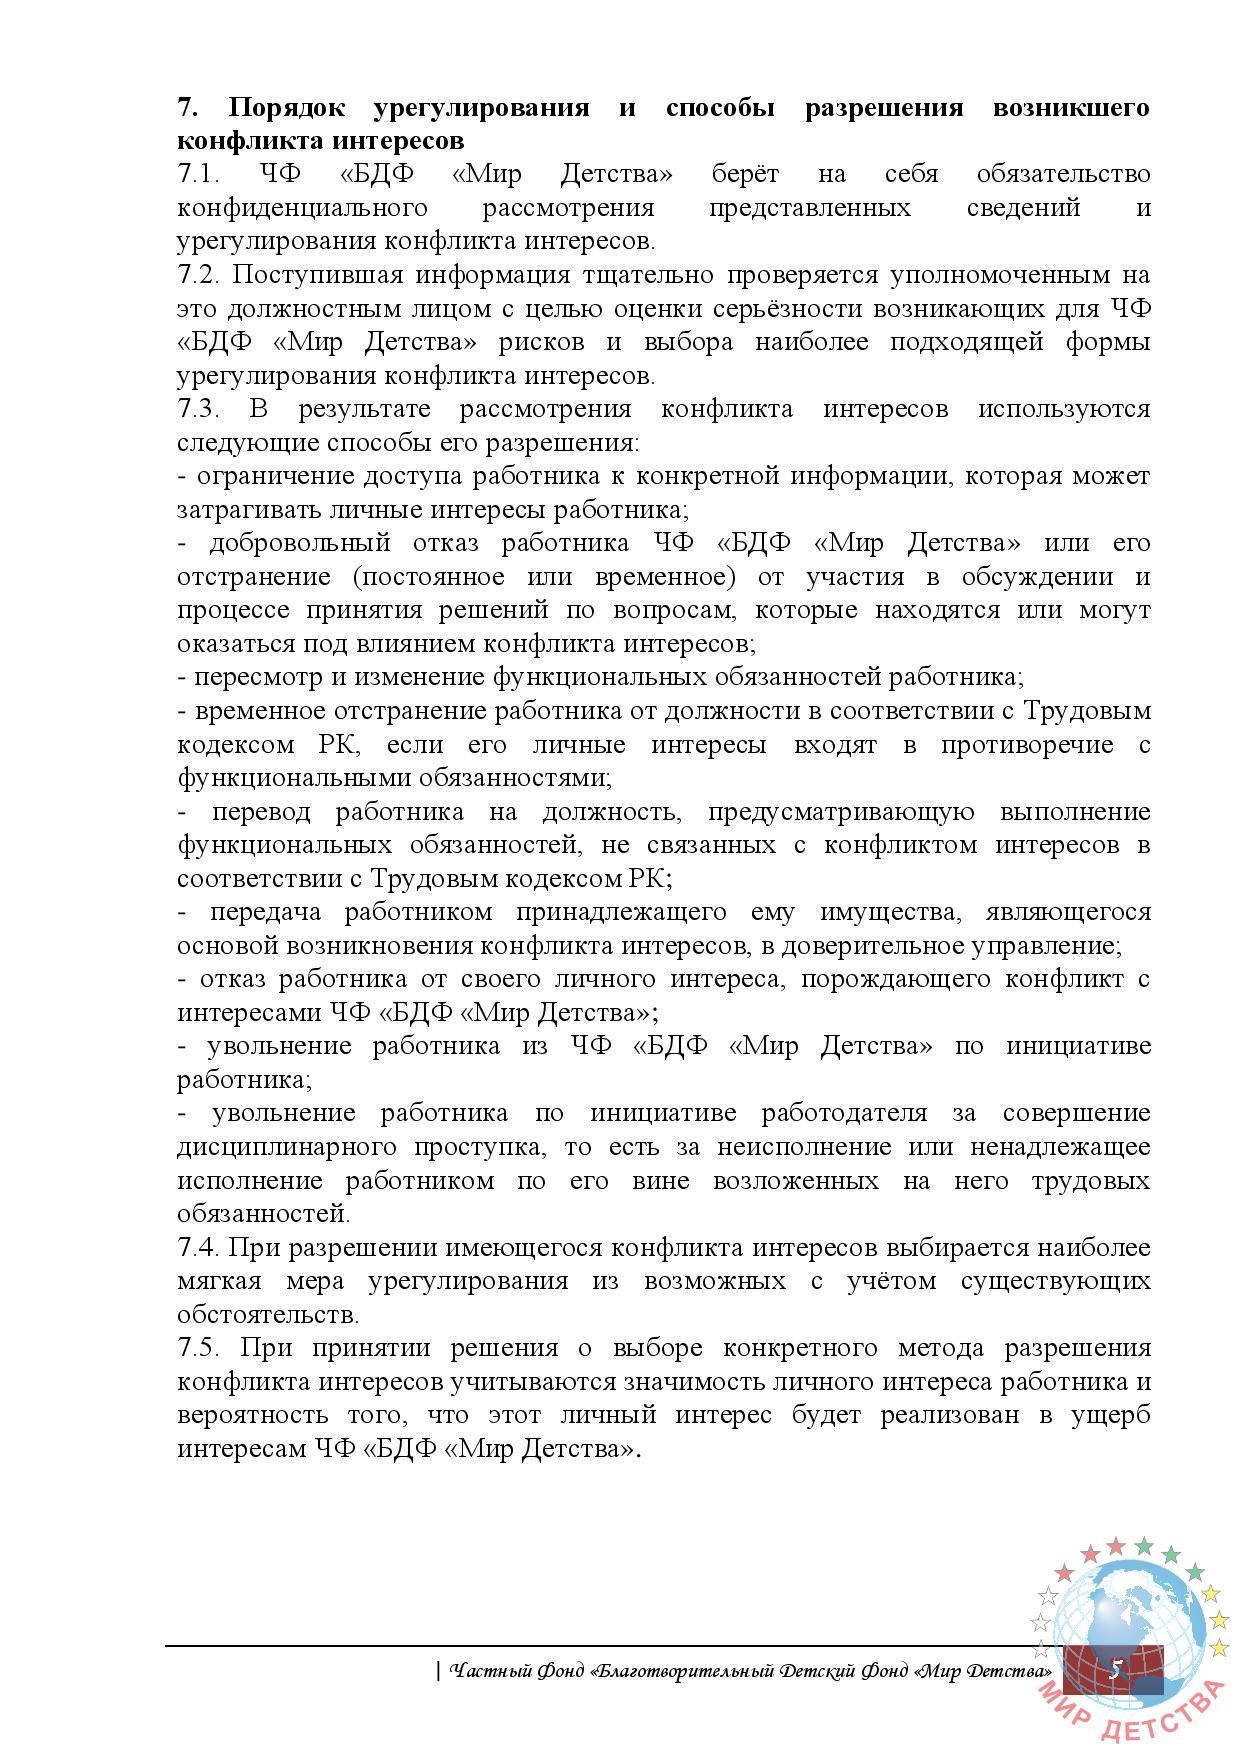 oficialnoe_polozhenie_o_konflikte_interesov-page-005